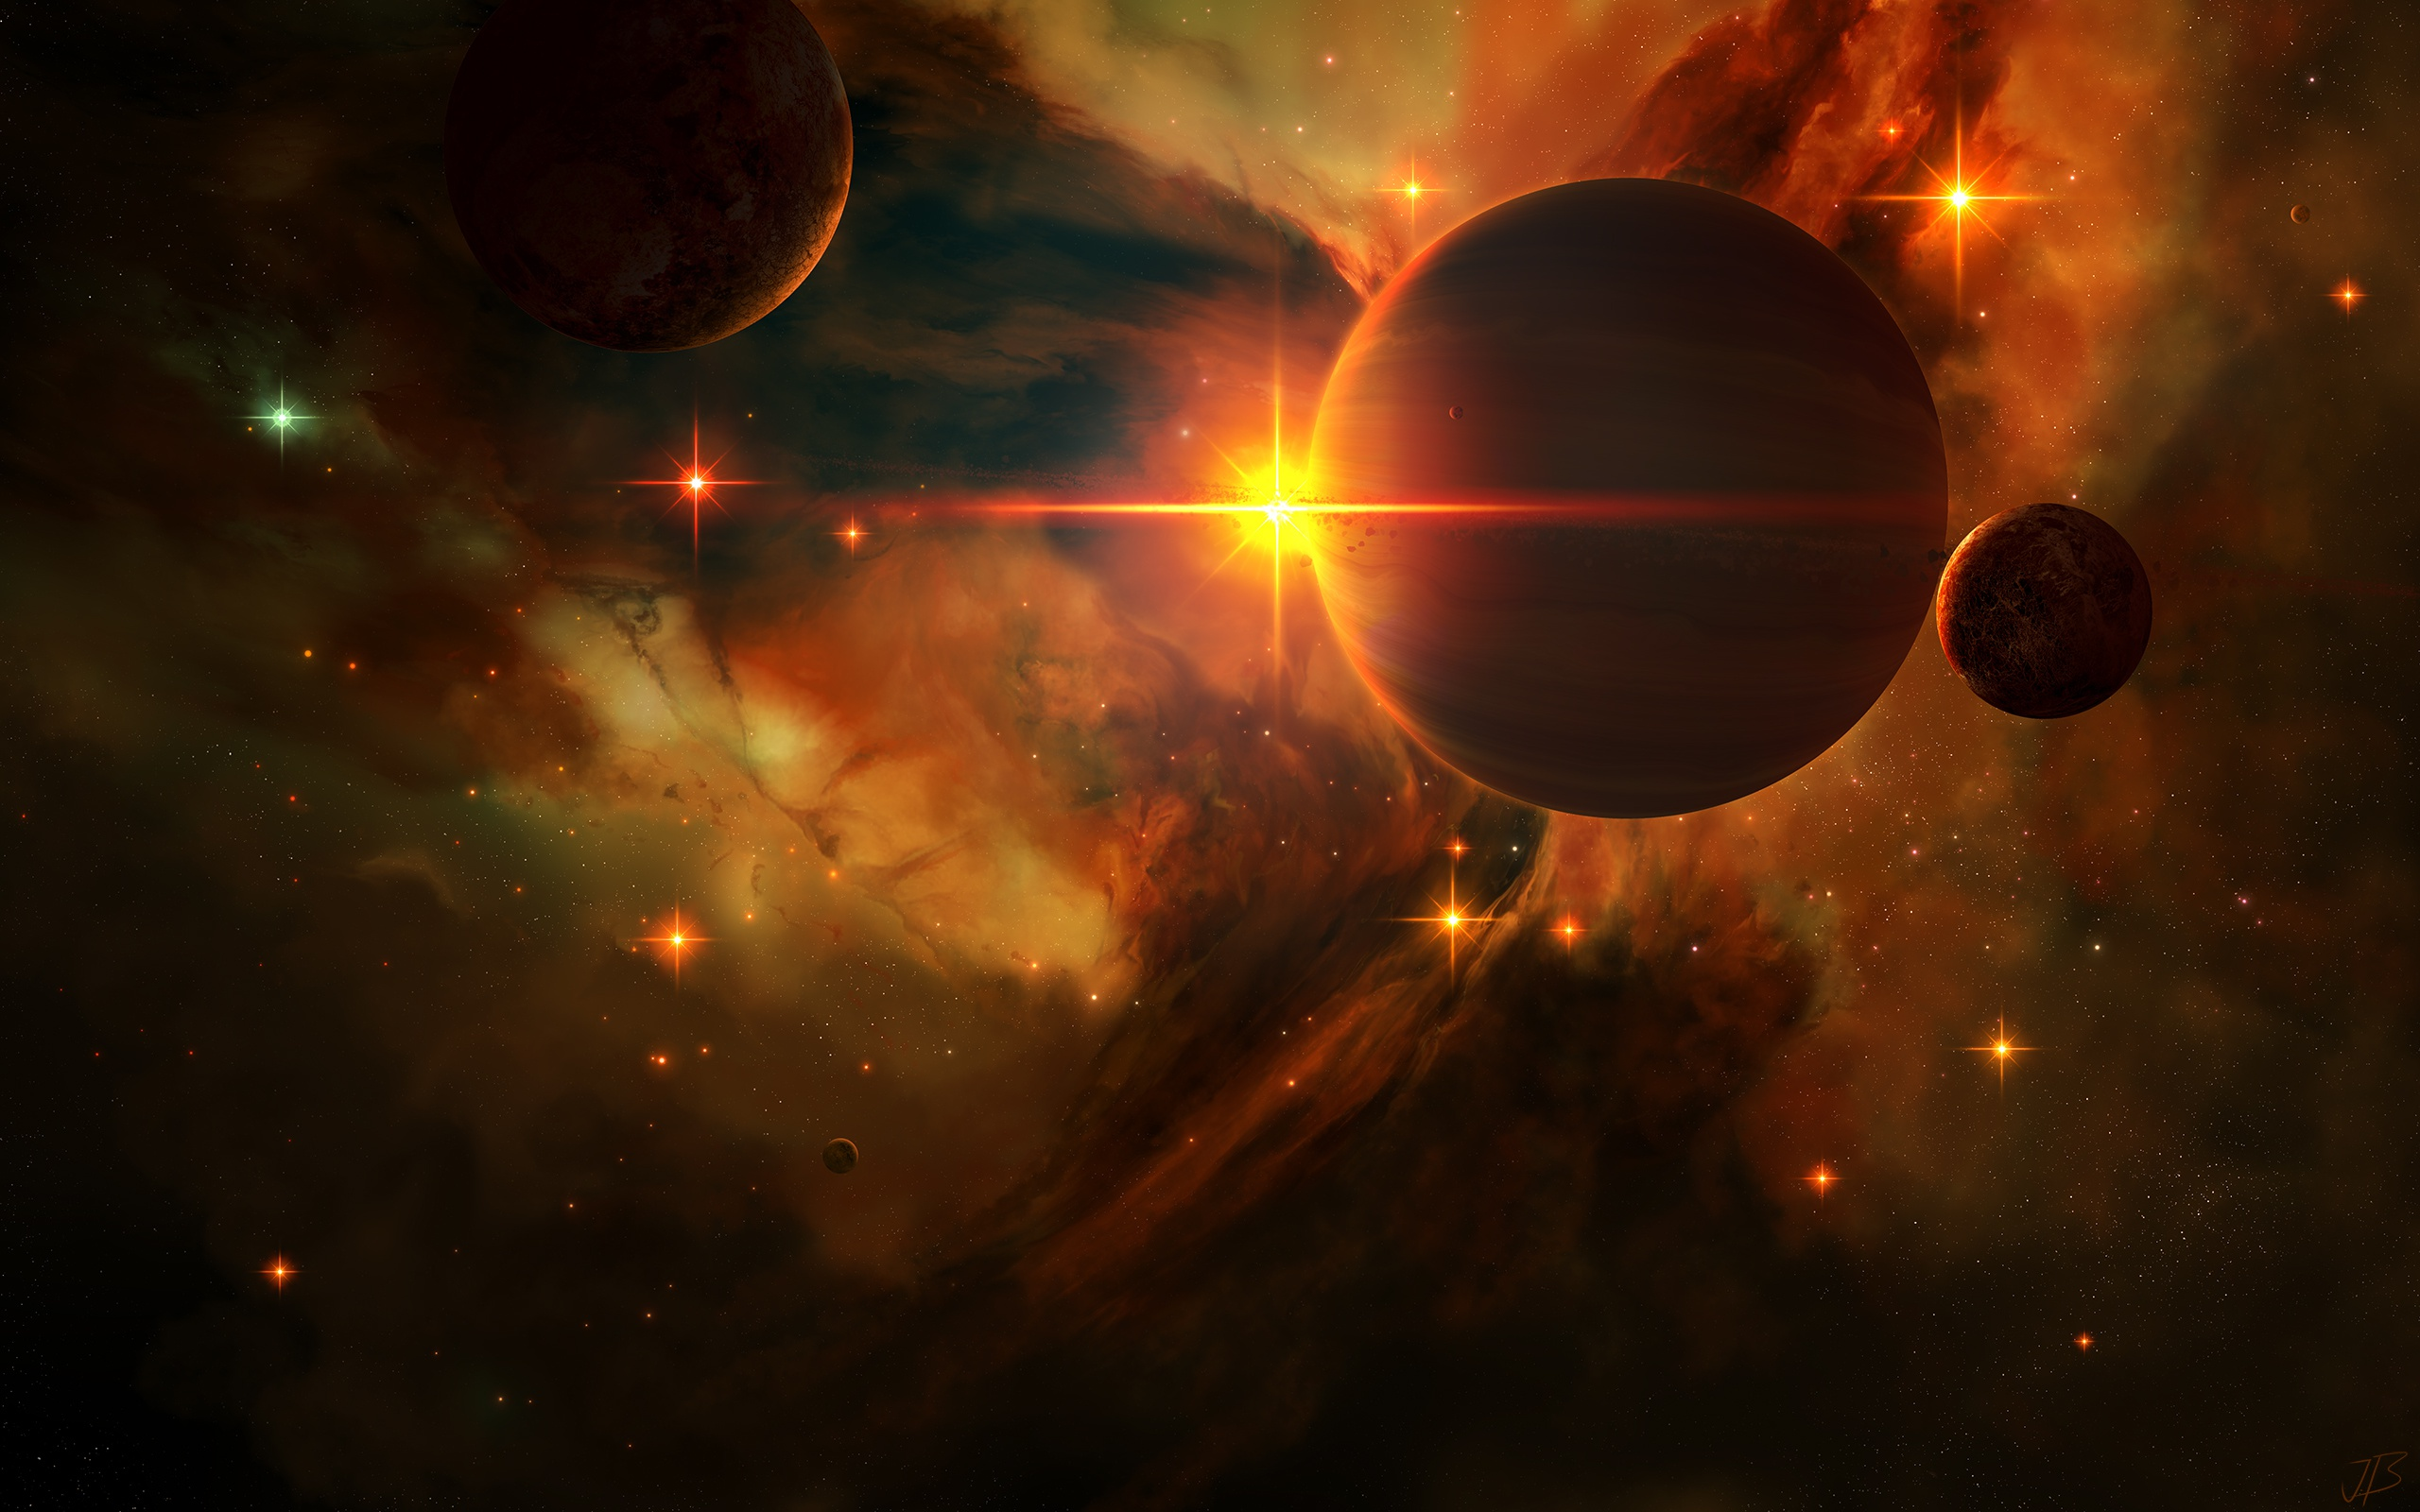 фото космоса планет чудо почти всех млекопитающих